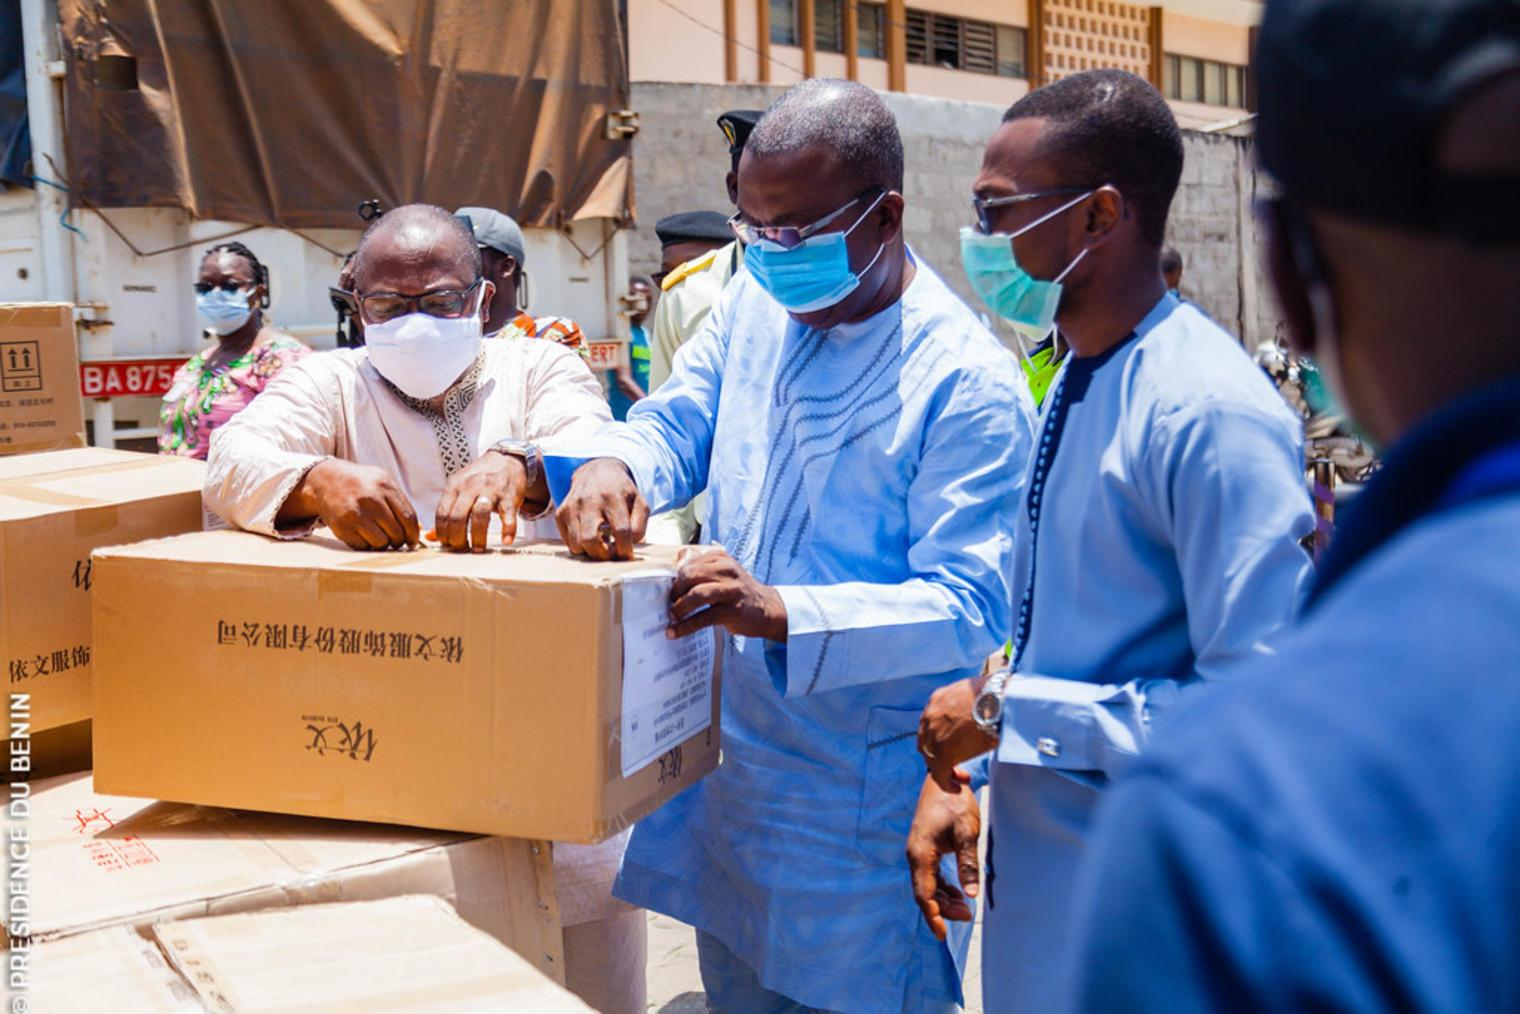 Bénin: Le nombre d'infections au COVID-19 s'élève à 6